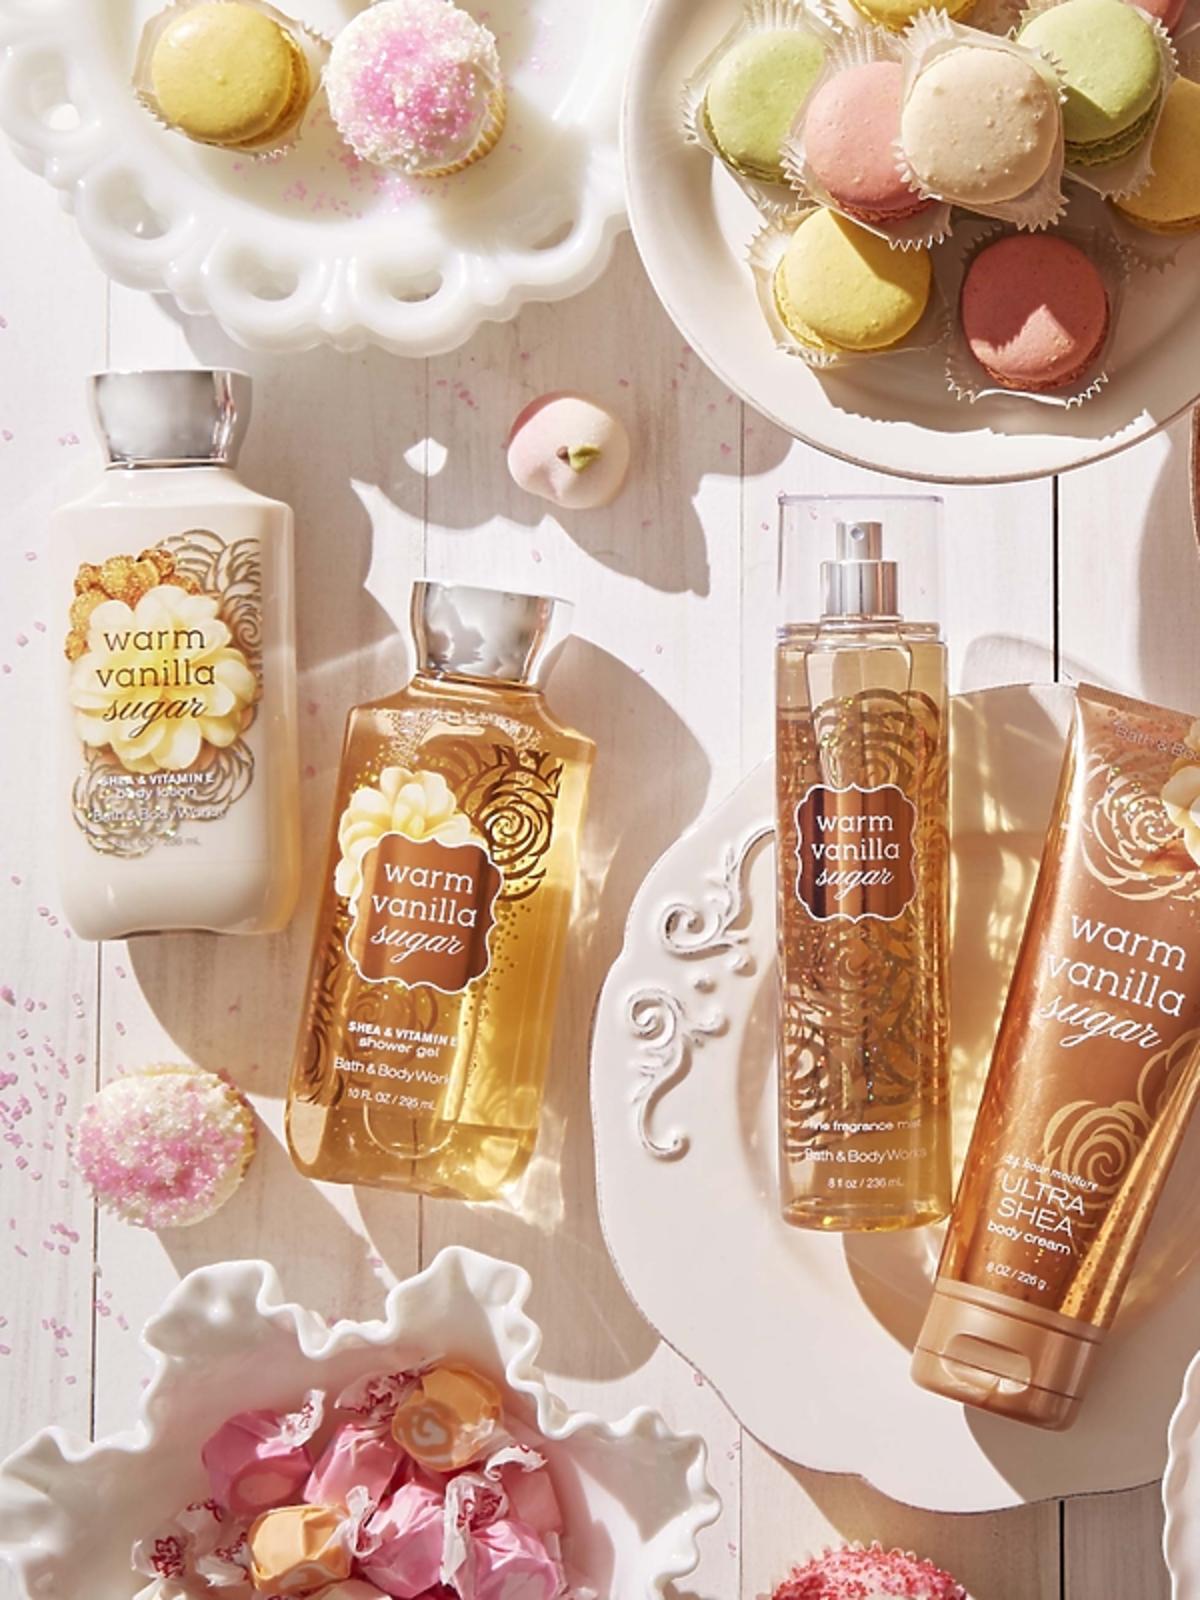 Otulająca linia kosmetyków Warm Vanilla Sugar od Bath & Body Works. Balsam – 59 zł,  Żel – 59 zł,  Krem do Ciała (w tubie) – 59 zł,  Mgiełka do ciała – 79 zł